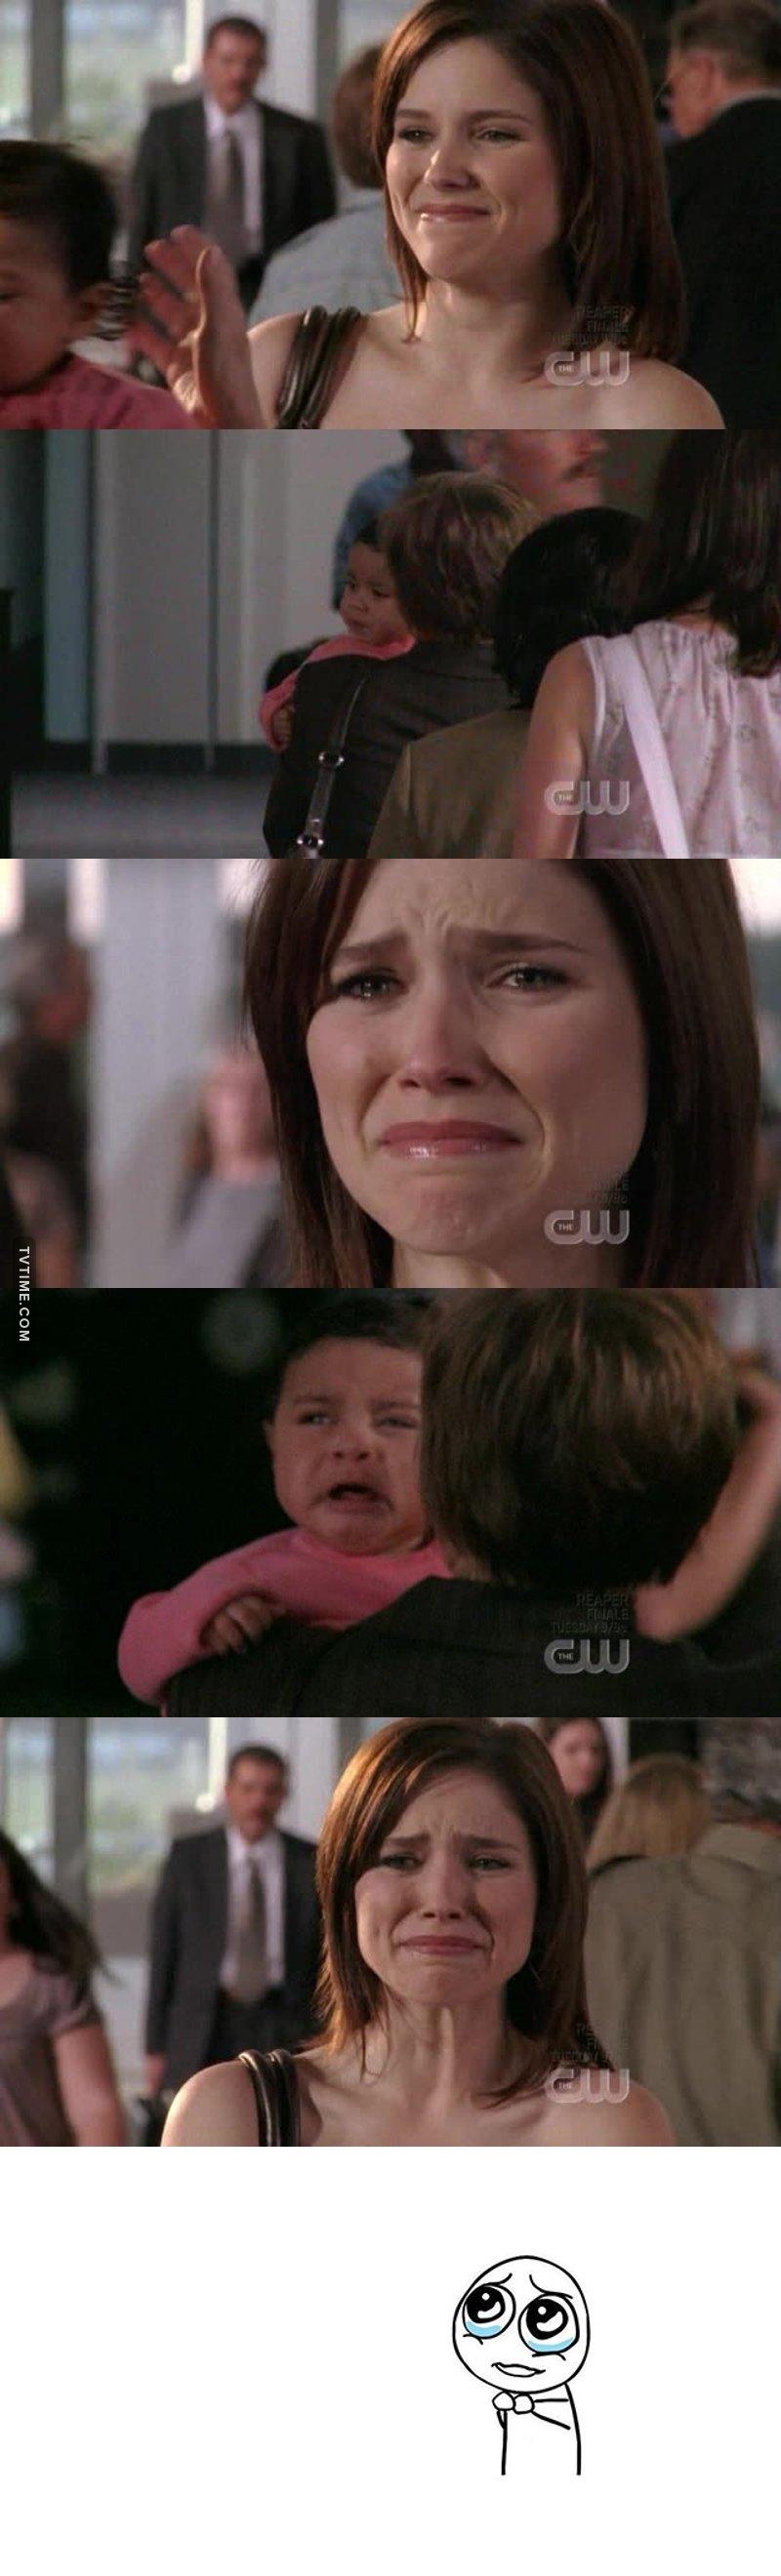 ce moment m'a déchiré le cœur...😭😭❤️